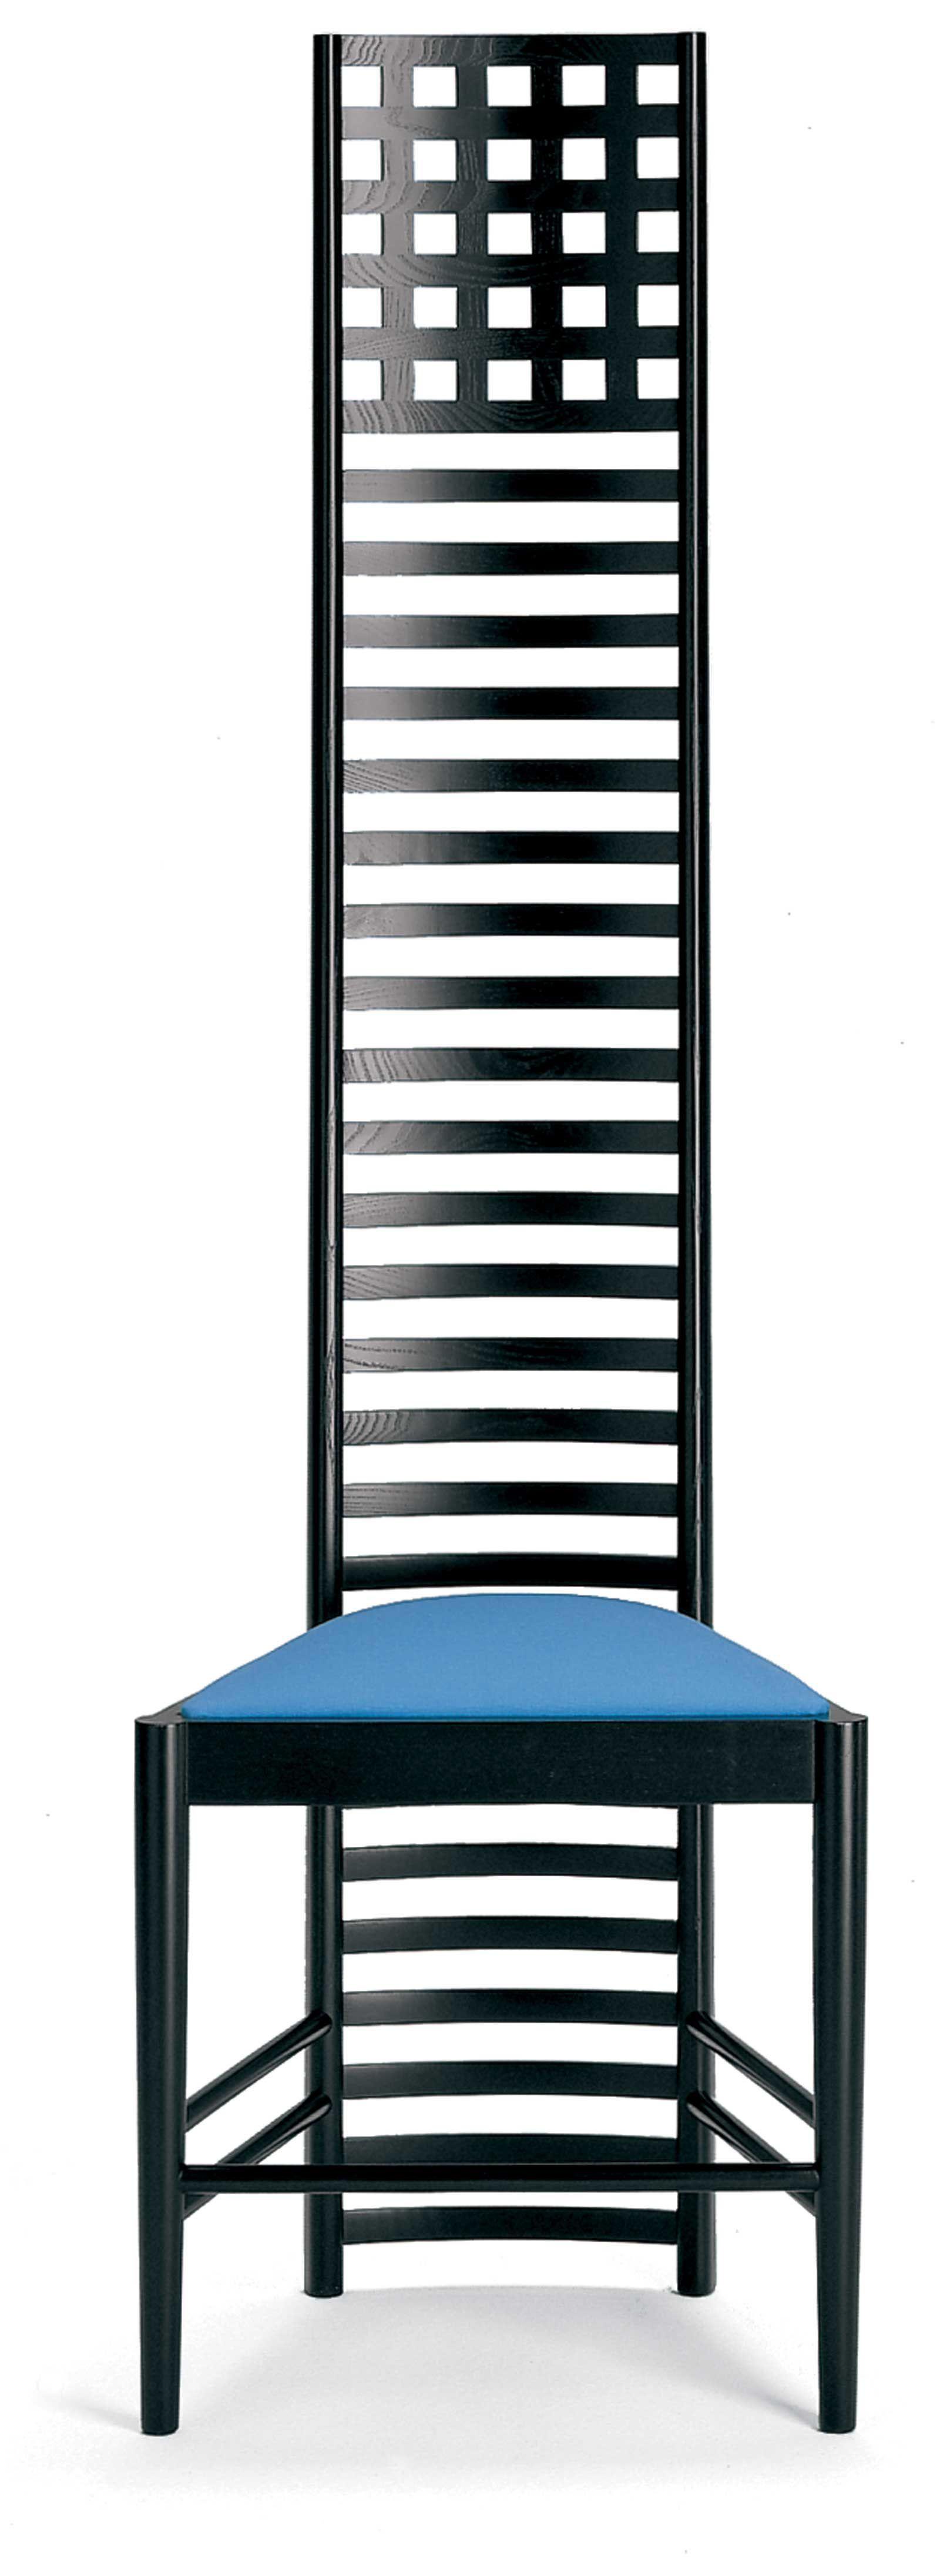 Las 10 sillas de dise±o moderno más famosas